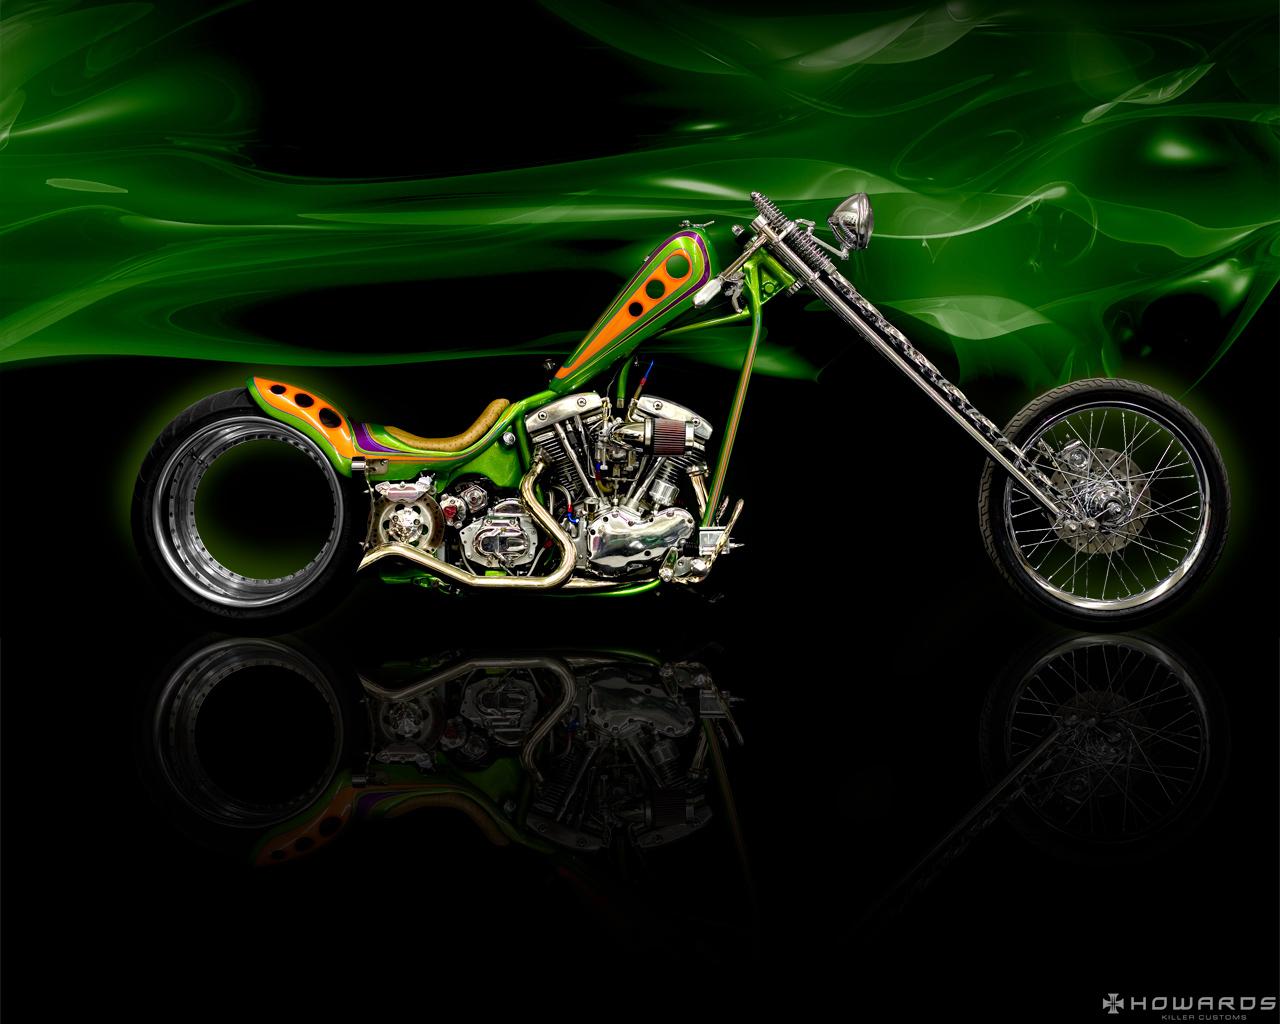 Koleksi Gambar Wallpaper Motor Harley Davidson Yang Keren Keren Motor